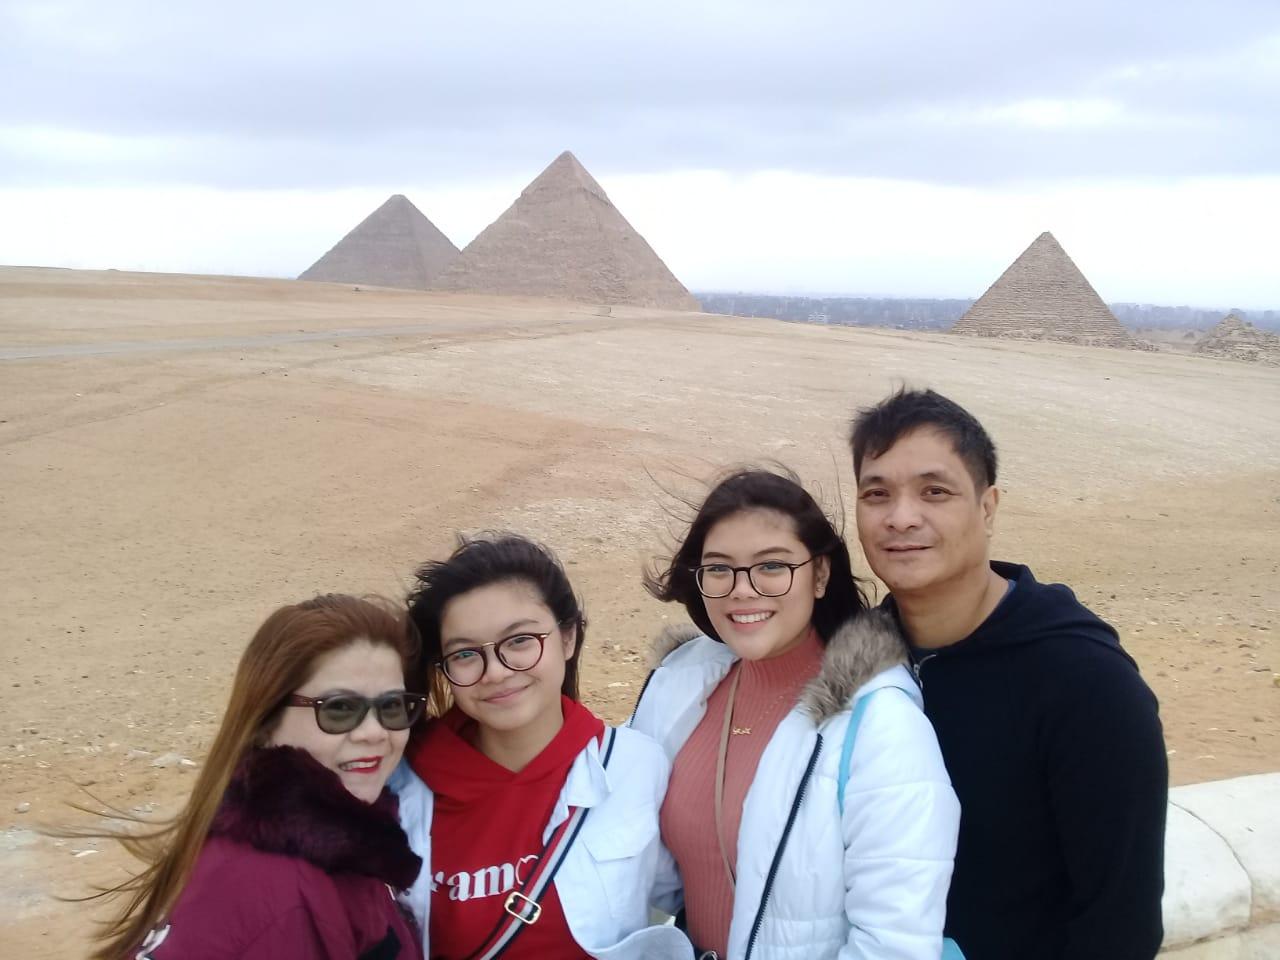 Cairo tours, Cairo half day tours, Pyramids of Giza tour, Egypt tours, Deluxe Tours Egypt